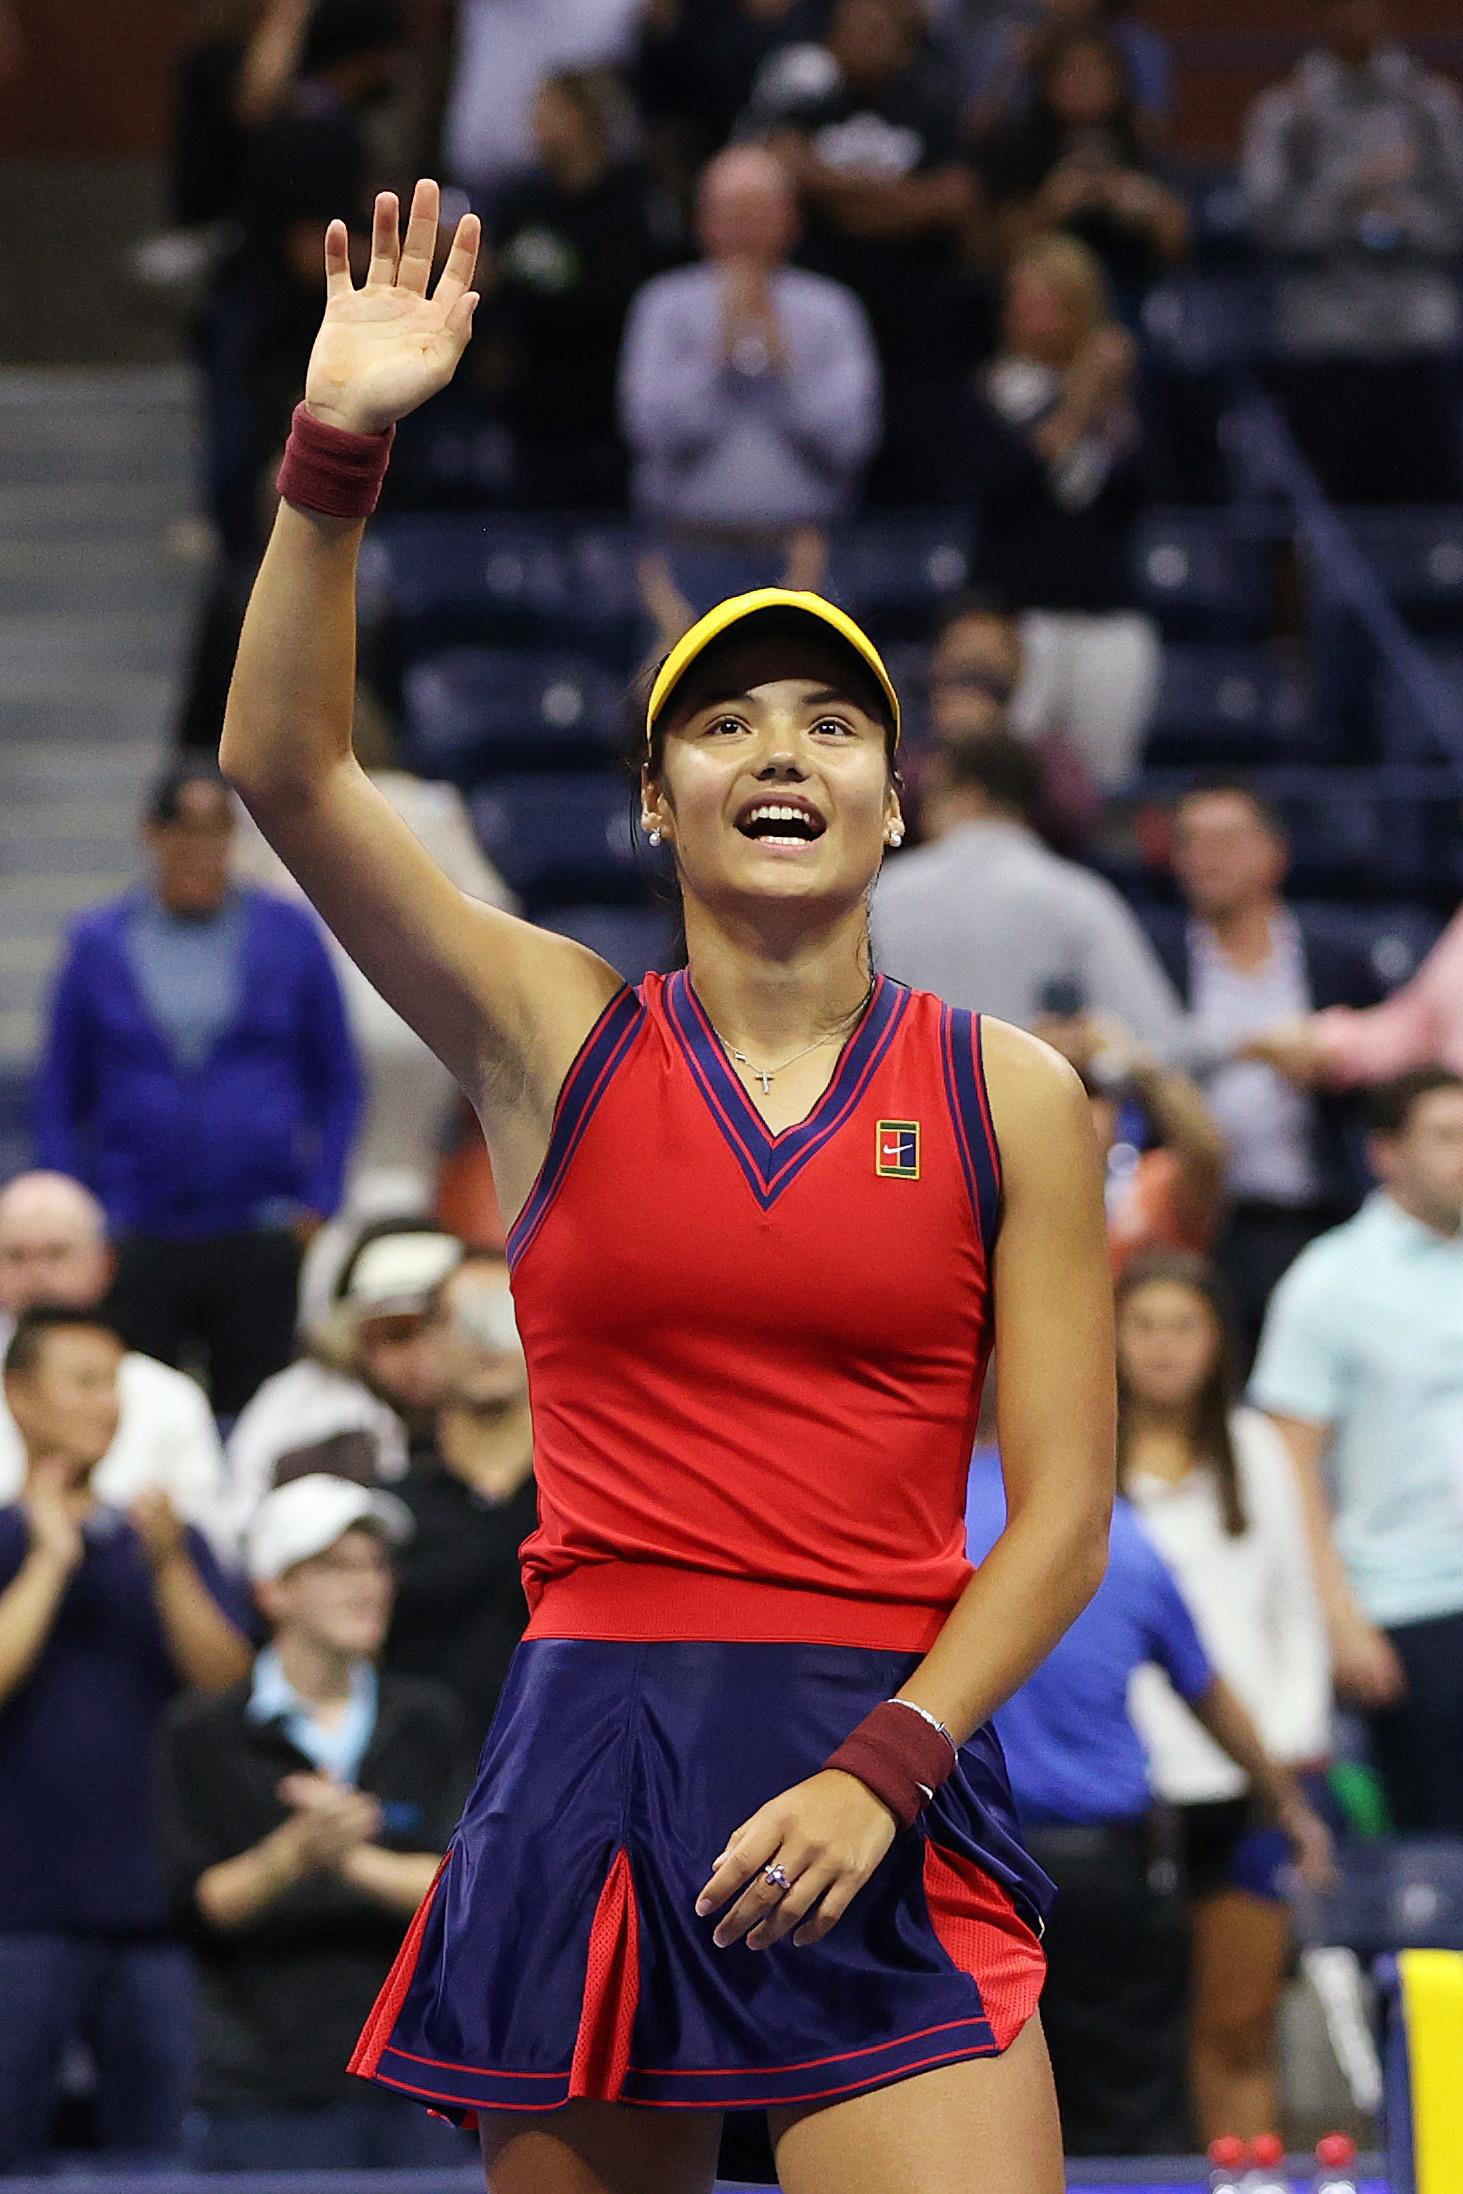 拉杜卡努历史性晋级美网决赛。